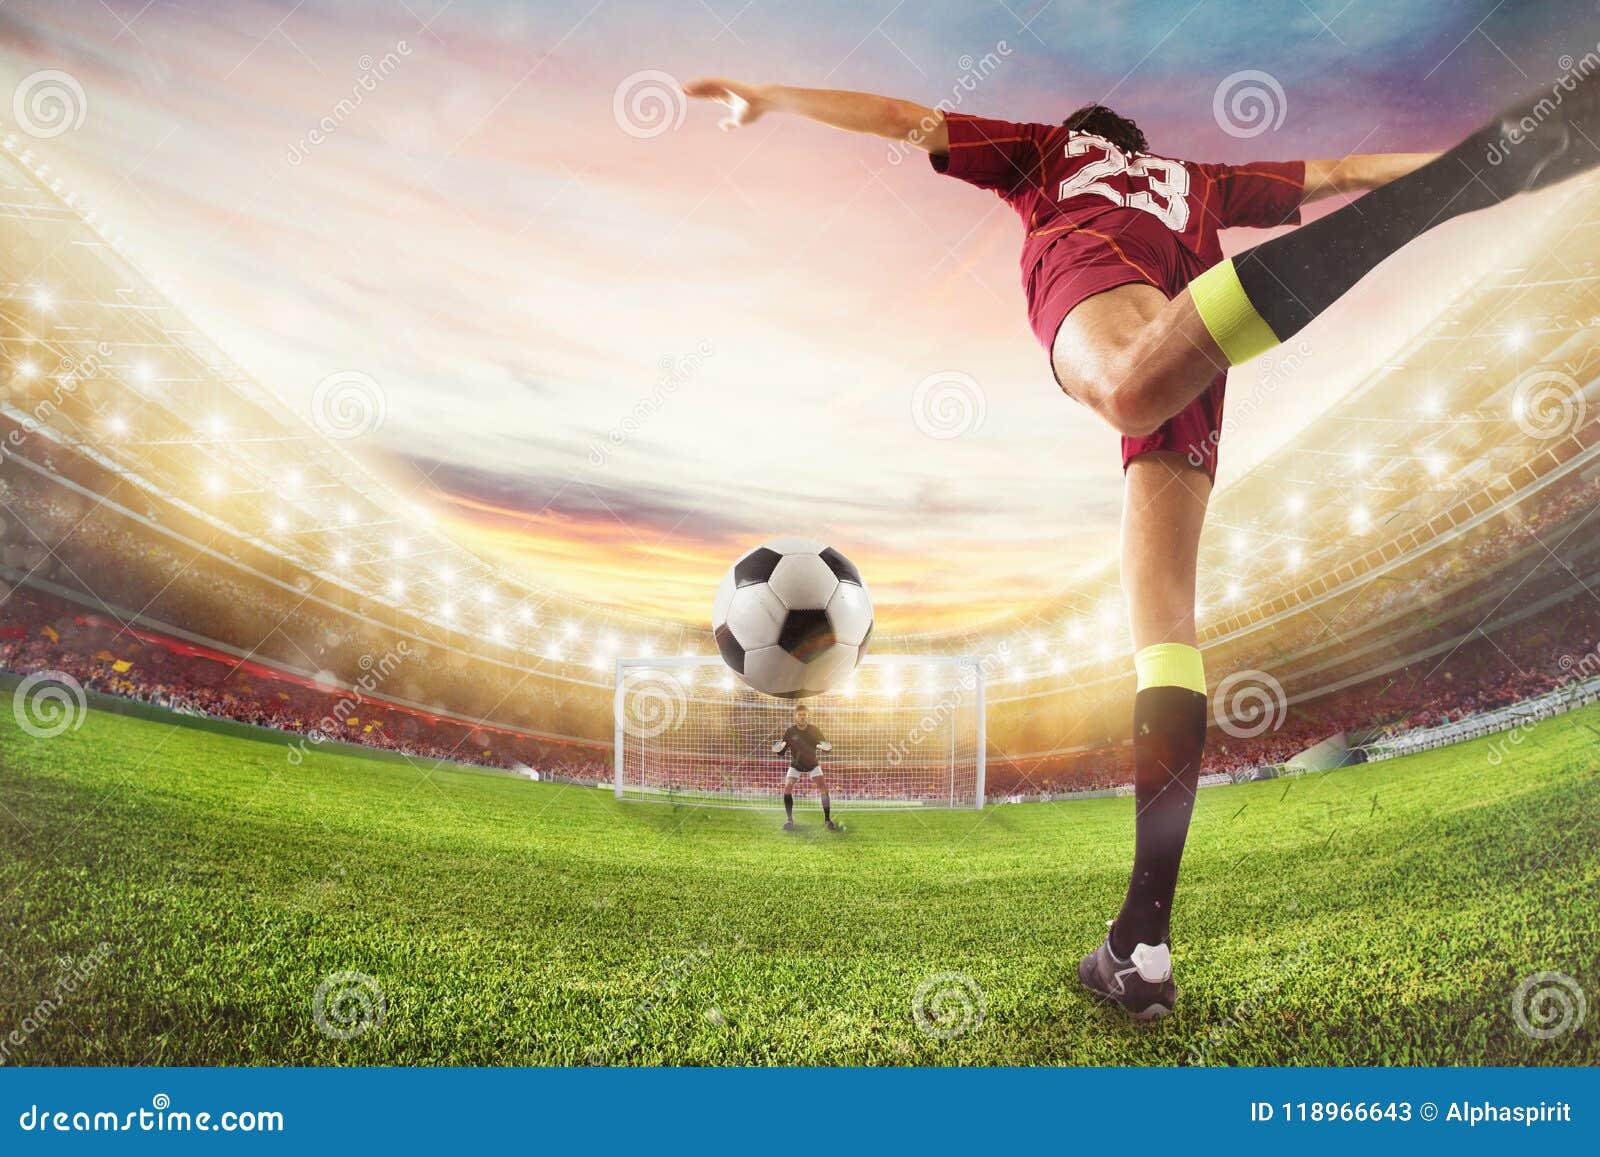 Piłka nożna strajkowicz uderza piłkę z akrobatycznym kopnięciem świadczenia 3 d